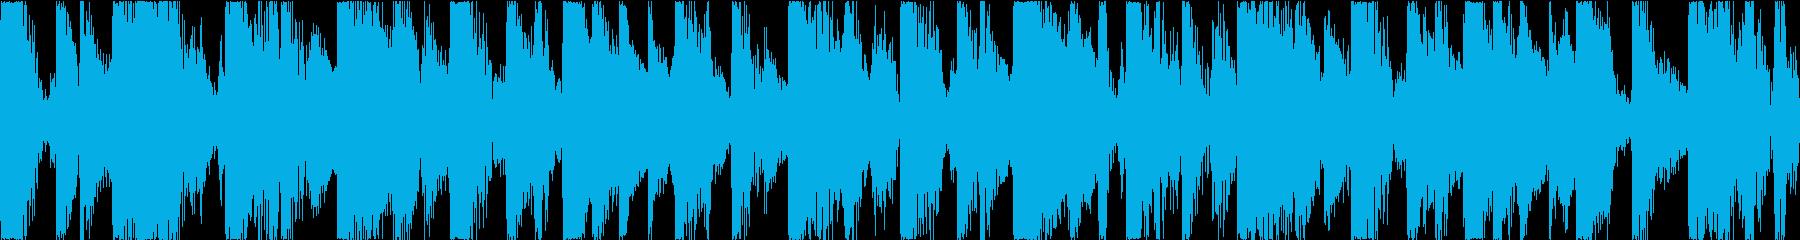 BGM07 クラビネット 10秒ループの再生済みの波形